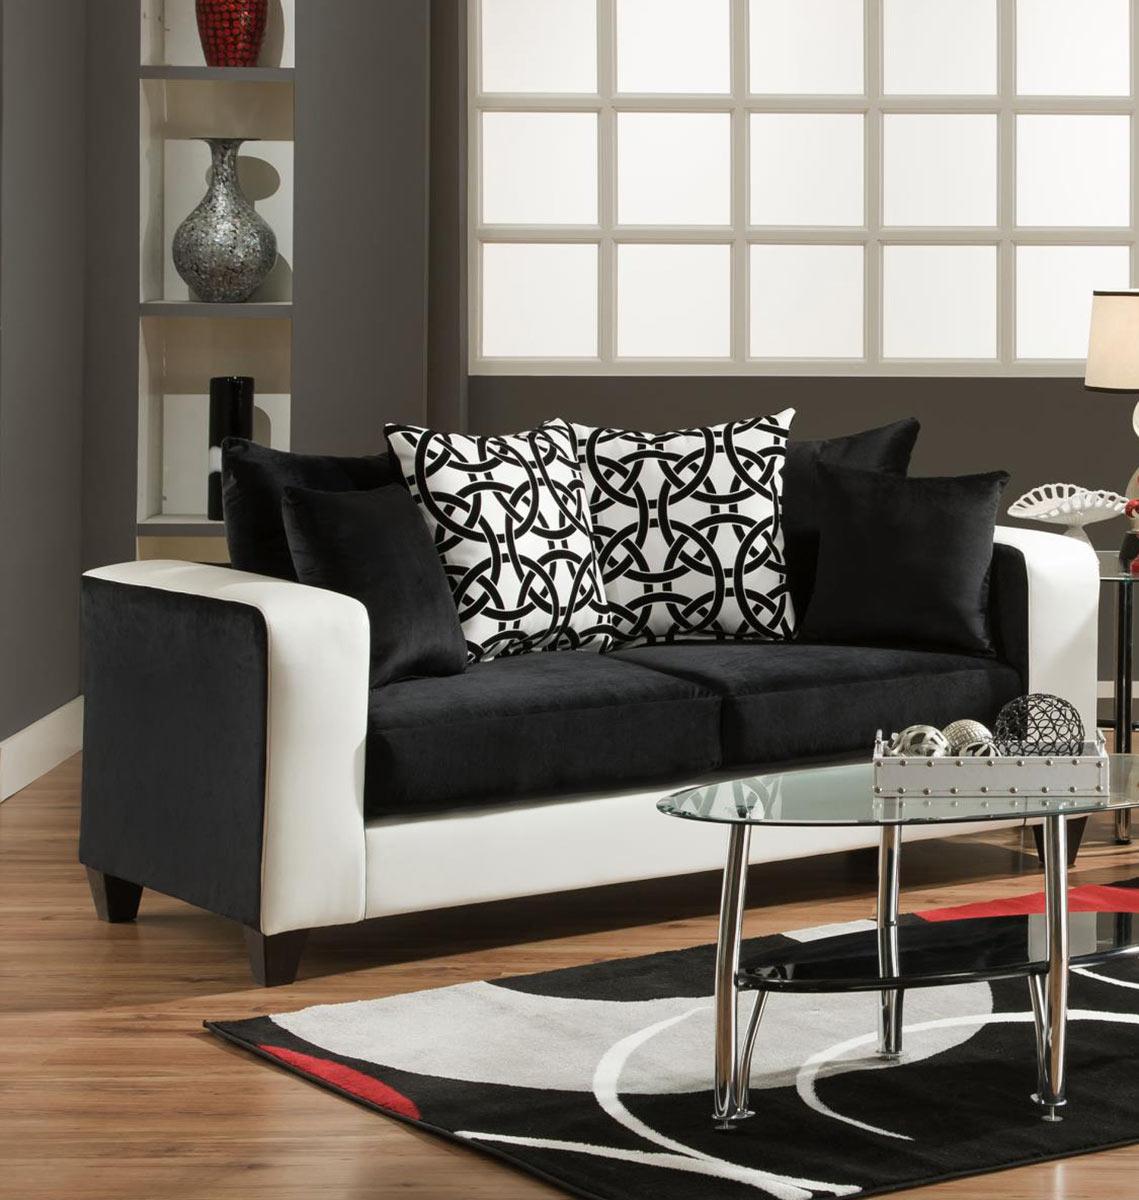 Chelsea Home Emboss Sofa - Black